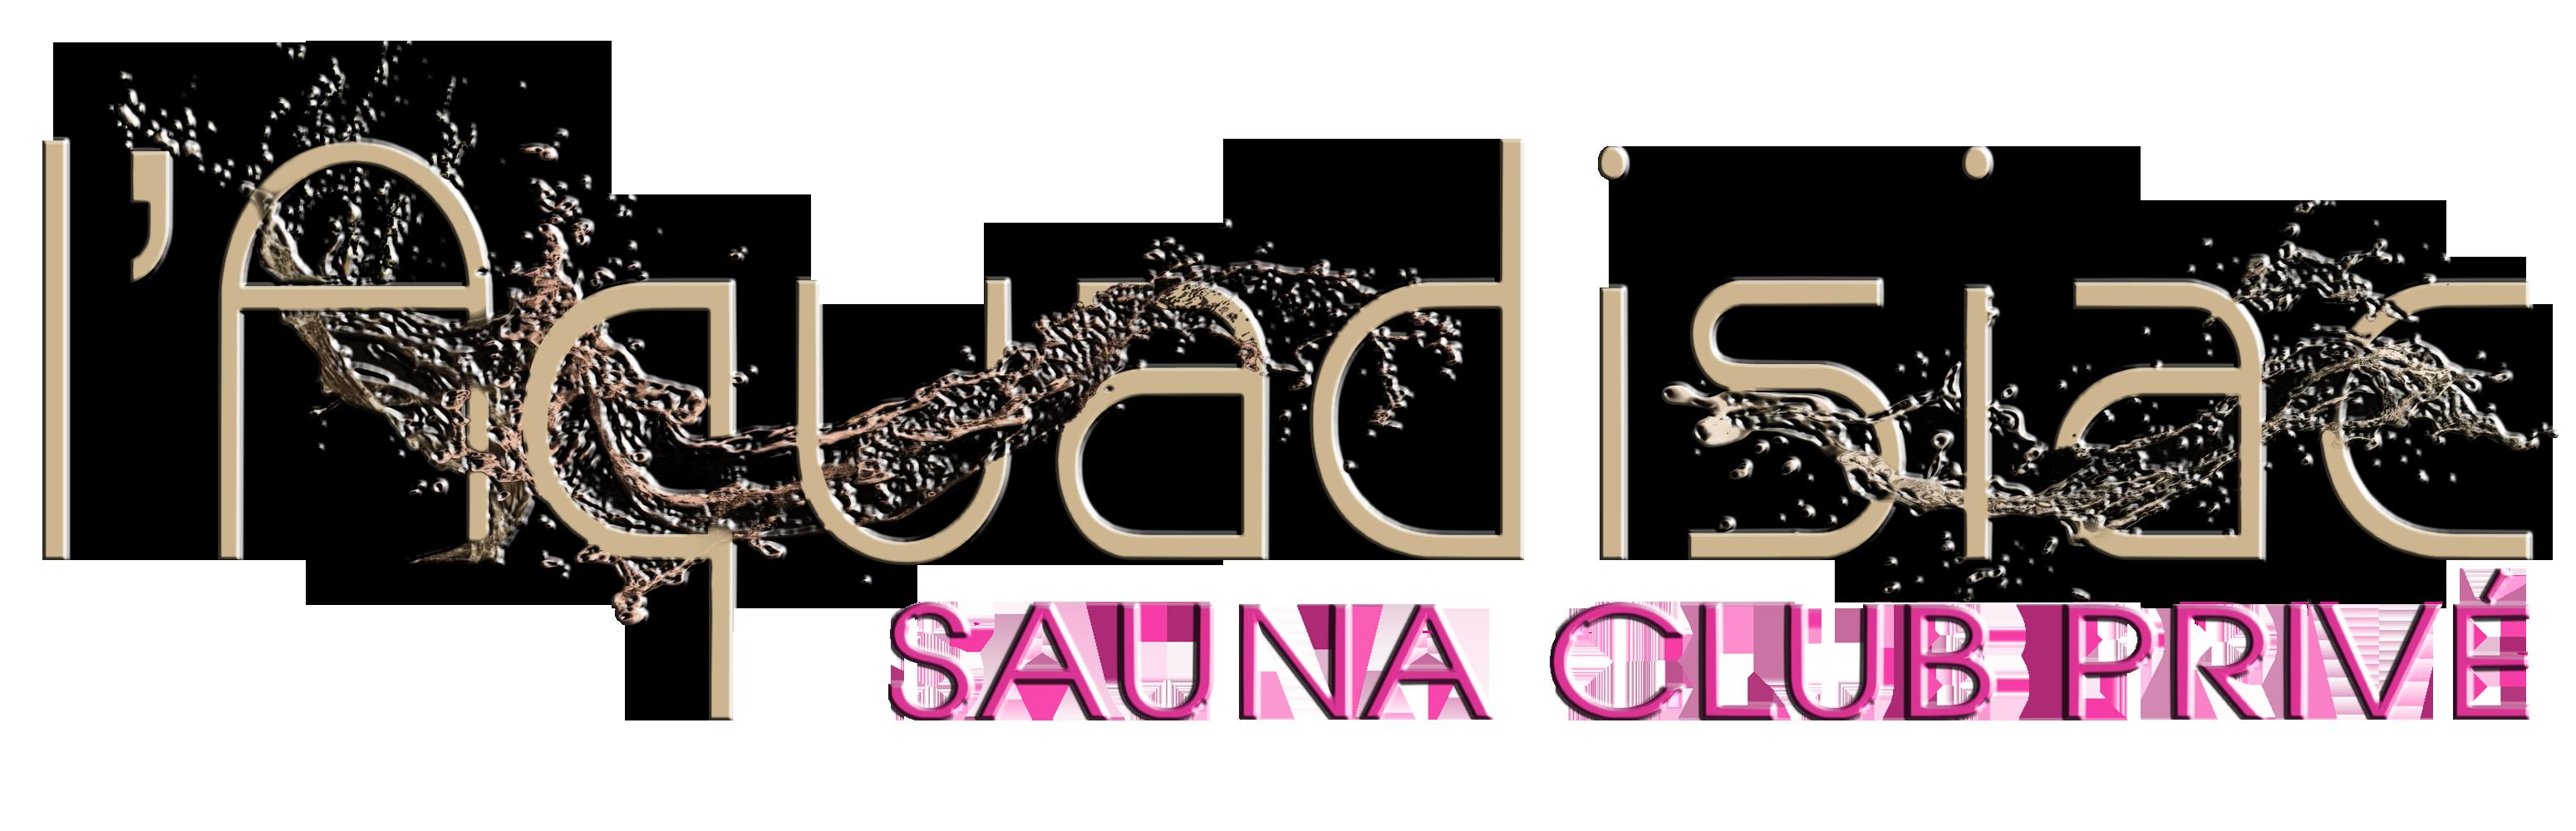 Aquadisiac